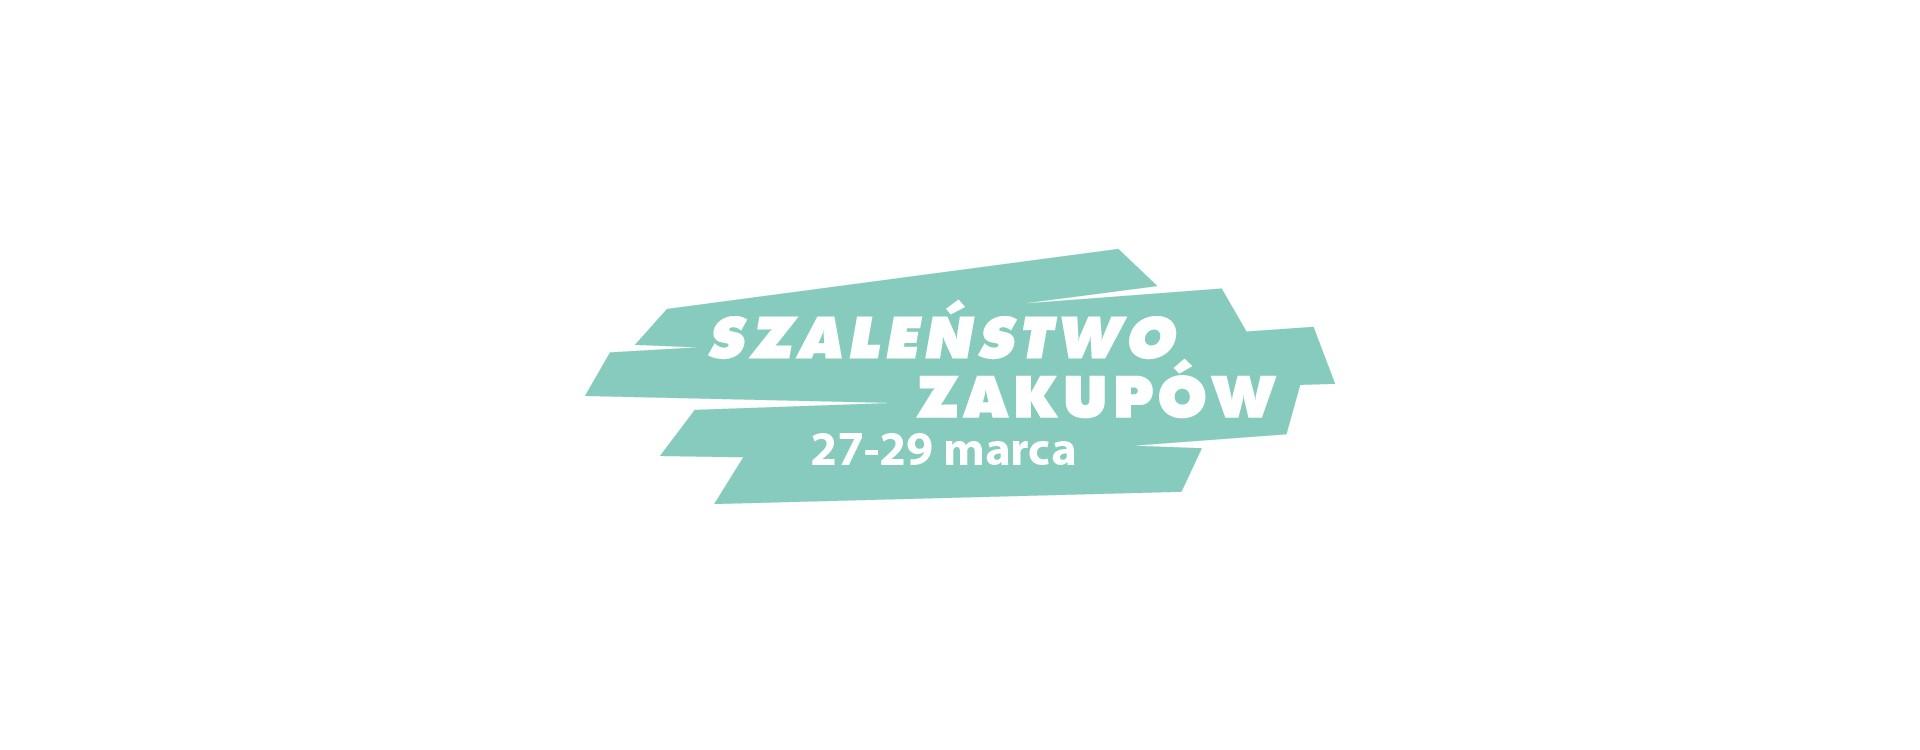 SZALEŃSTWO ZAKUPÓW - 27-29 marca 2020